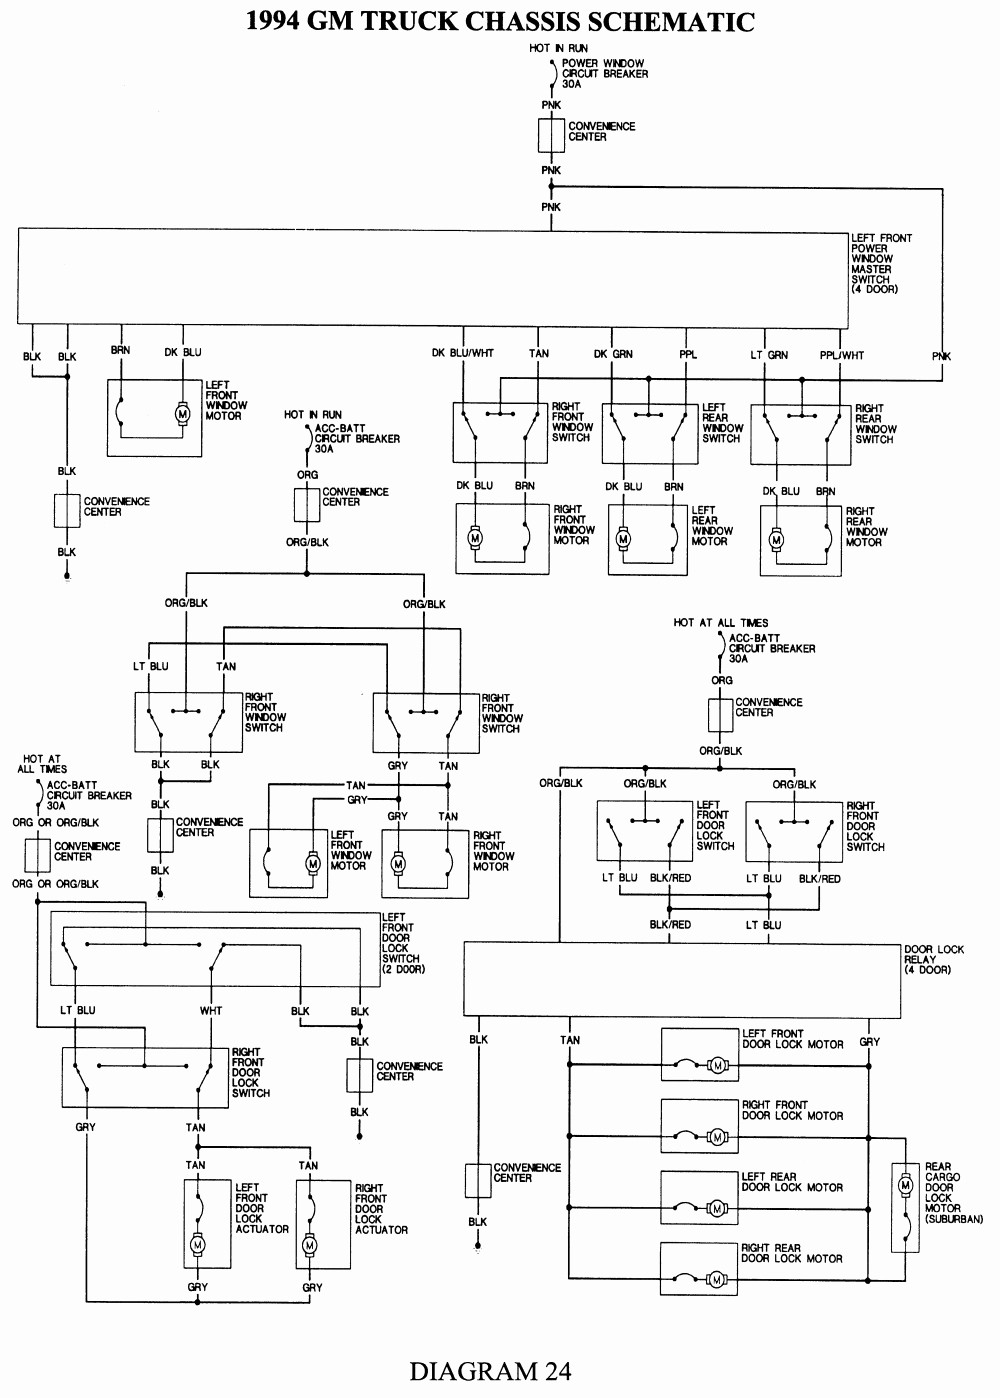 Trailer Wiring Diagram Unique 2003 Chevy Silverado Trailer Wiring Diagram Best